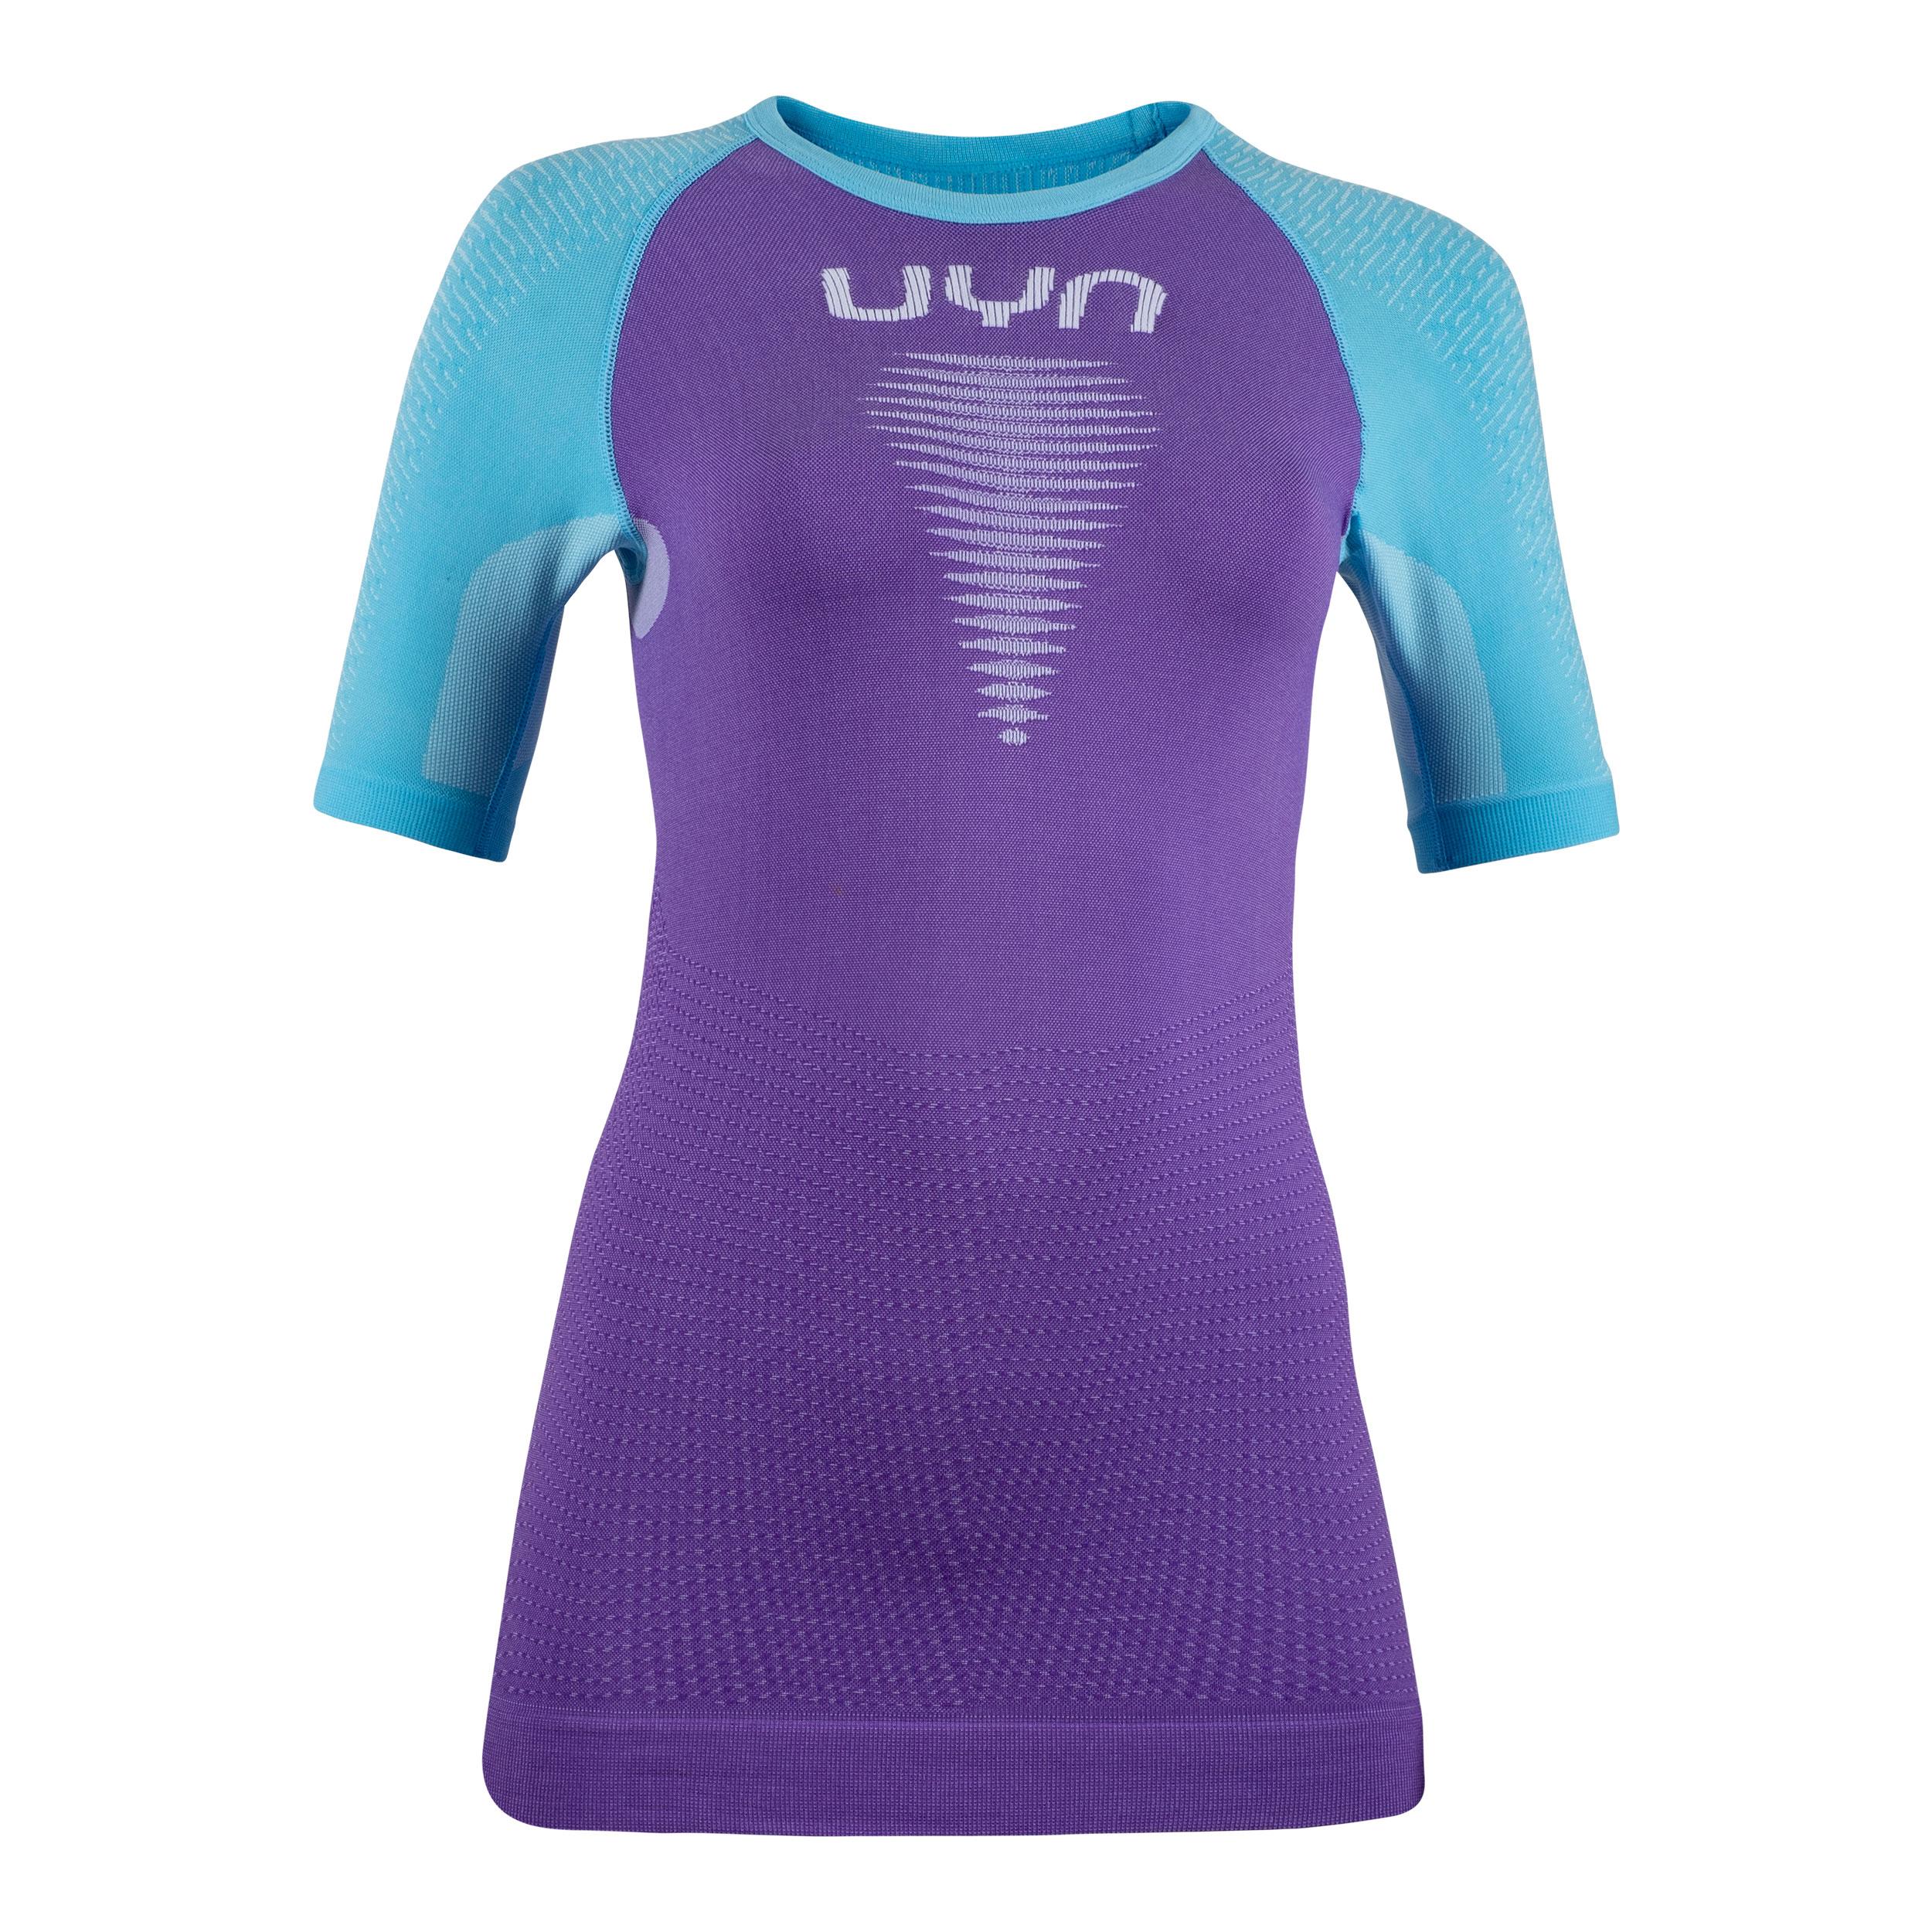 Für alle Laufbegeisterten: Die neue Marathon Kollektion von UYN